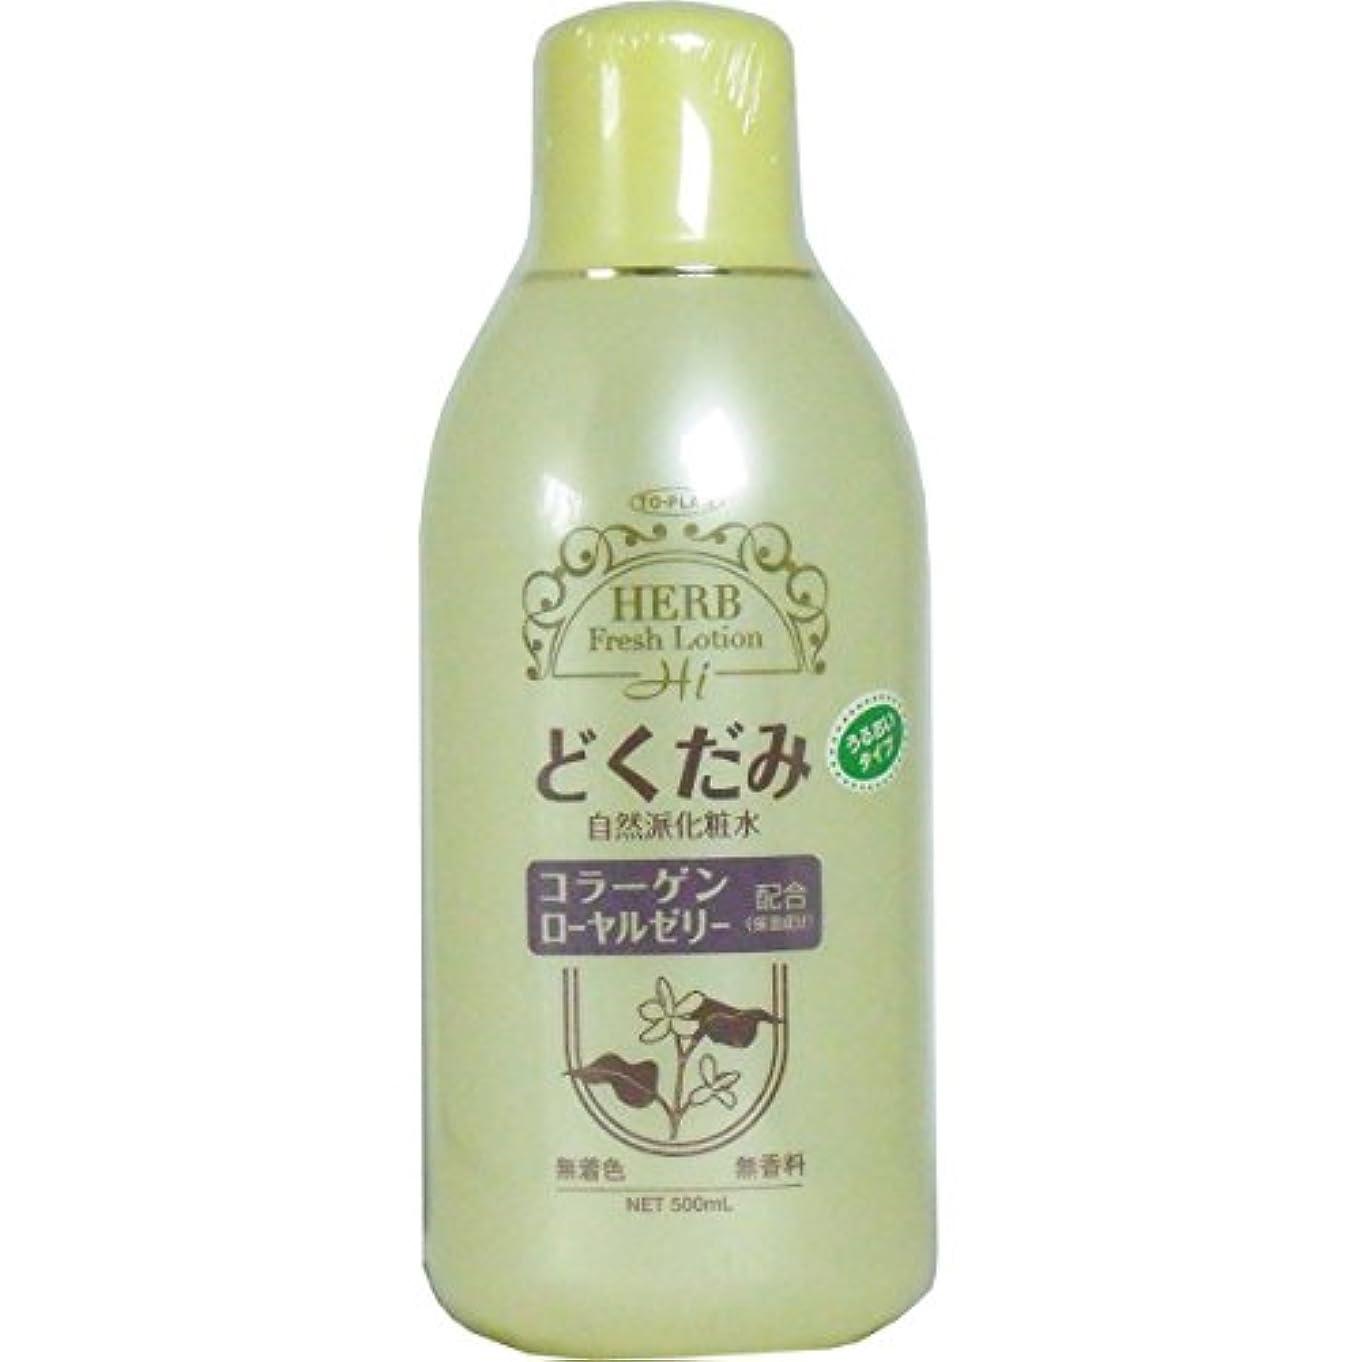 ご予約汚れるパラメータトプラン どくだみ化粧水 500ml (商品内訳:単品1個)